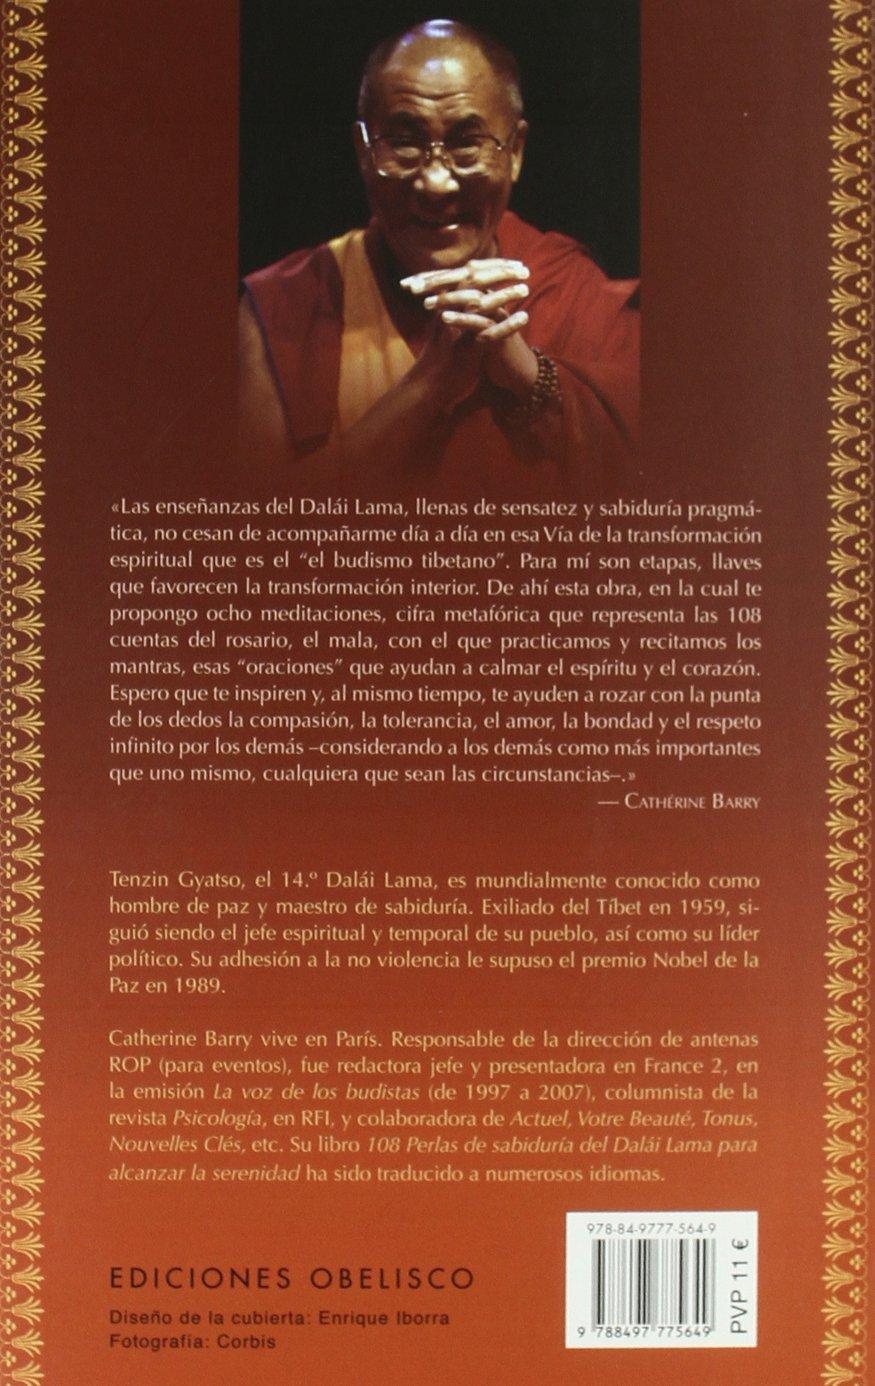 108 Perlas De Sabiduría Del Dalai Lama Metafísica Y Espiritualidad Spanish Edition Barry Catherine Guerrero Jiménez Pilar 9788497775649 Books